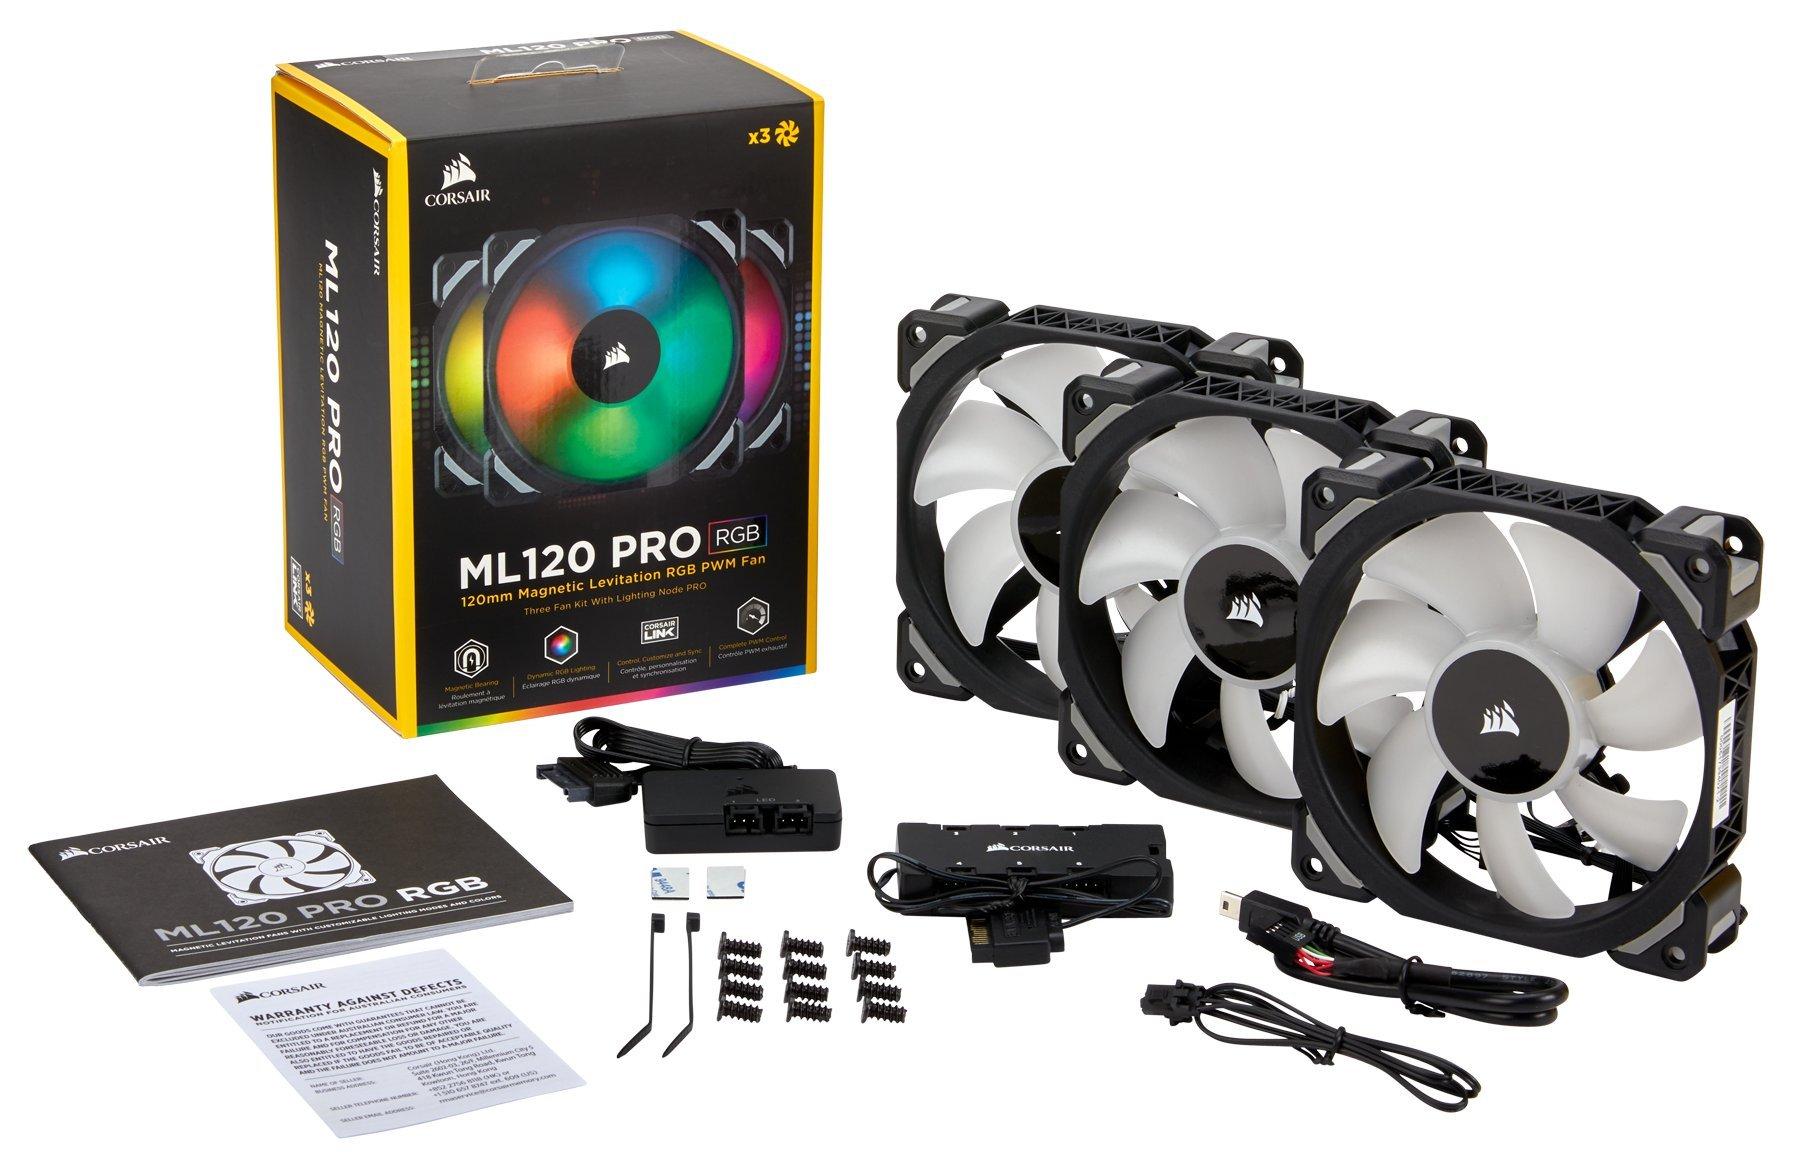 Corsair ML120 Pro - Ventilador de levitación magnética, 120 mm premium, con LED RGB, paquete de 3 ventiladores con Lighting Node PRO (CO-9050076-WW): Amazon.es: Informática